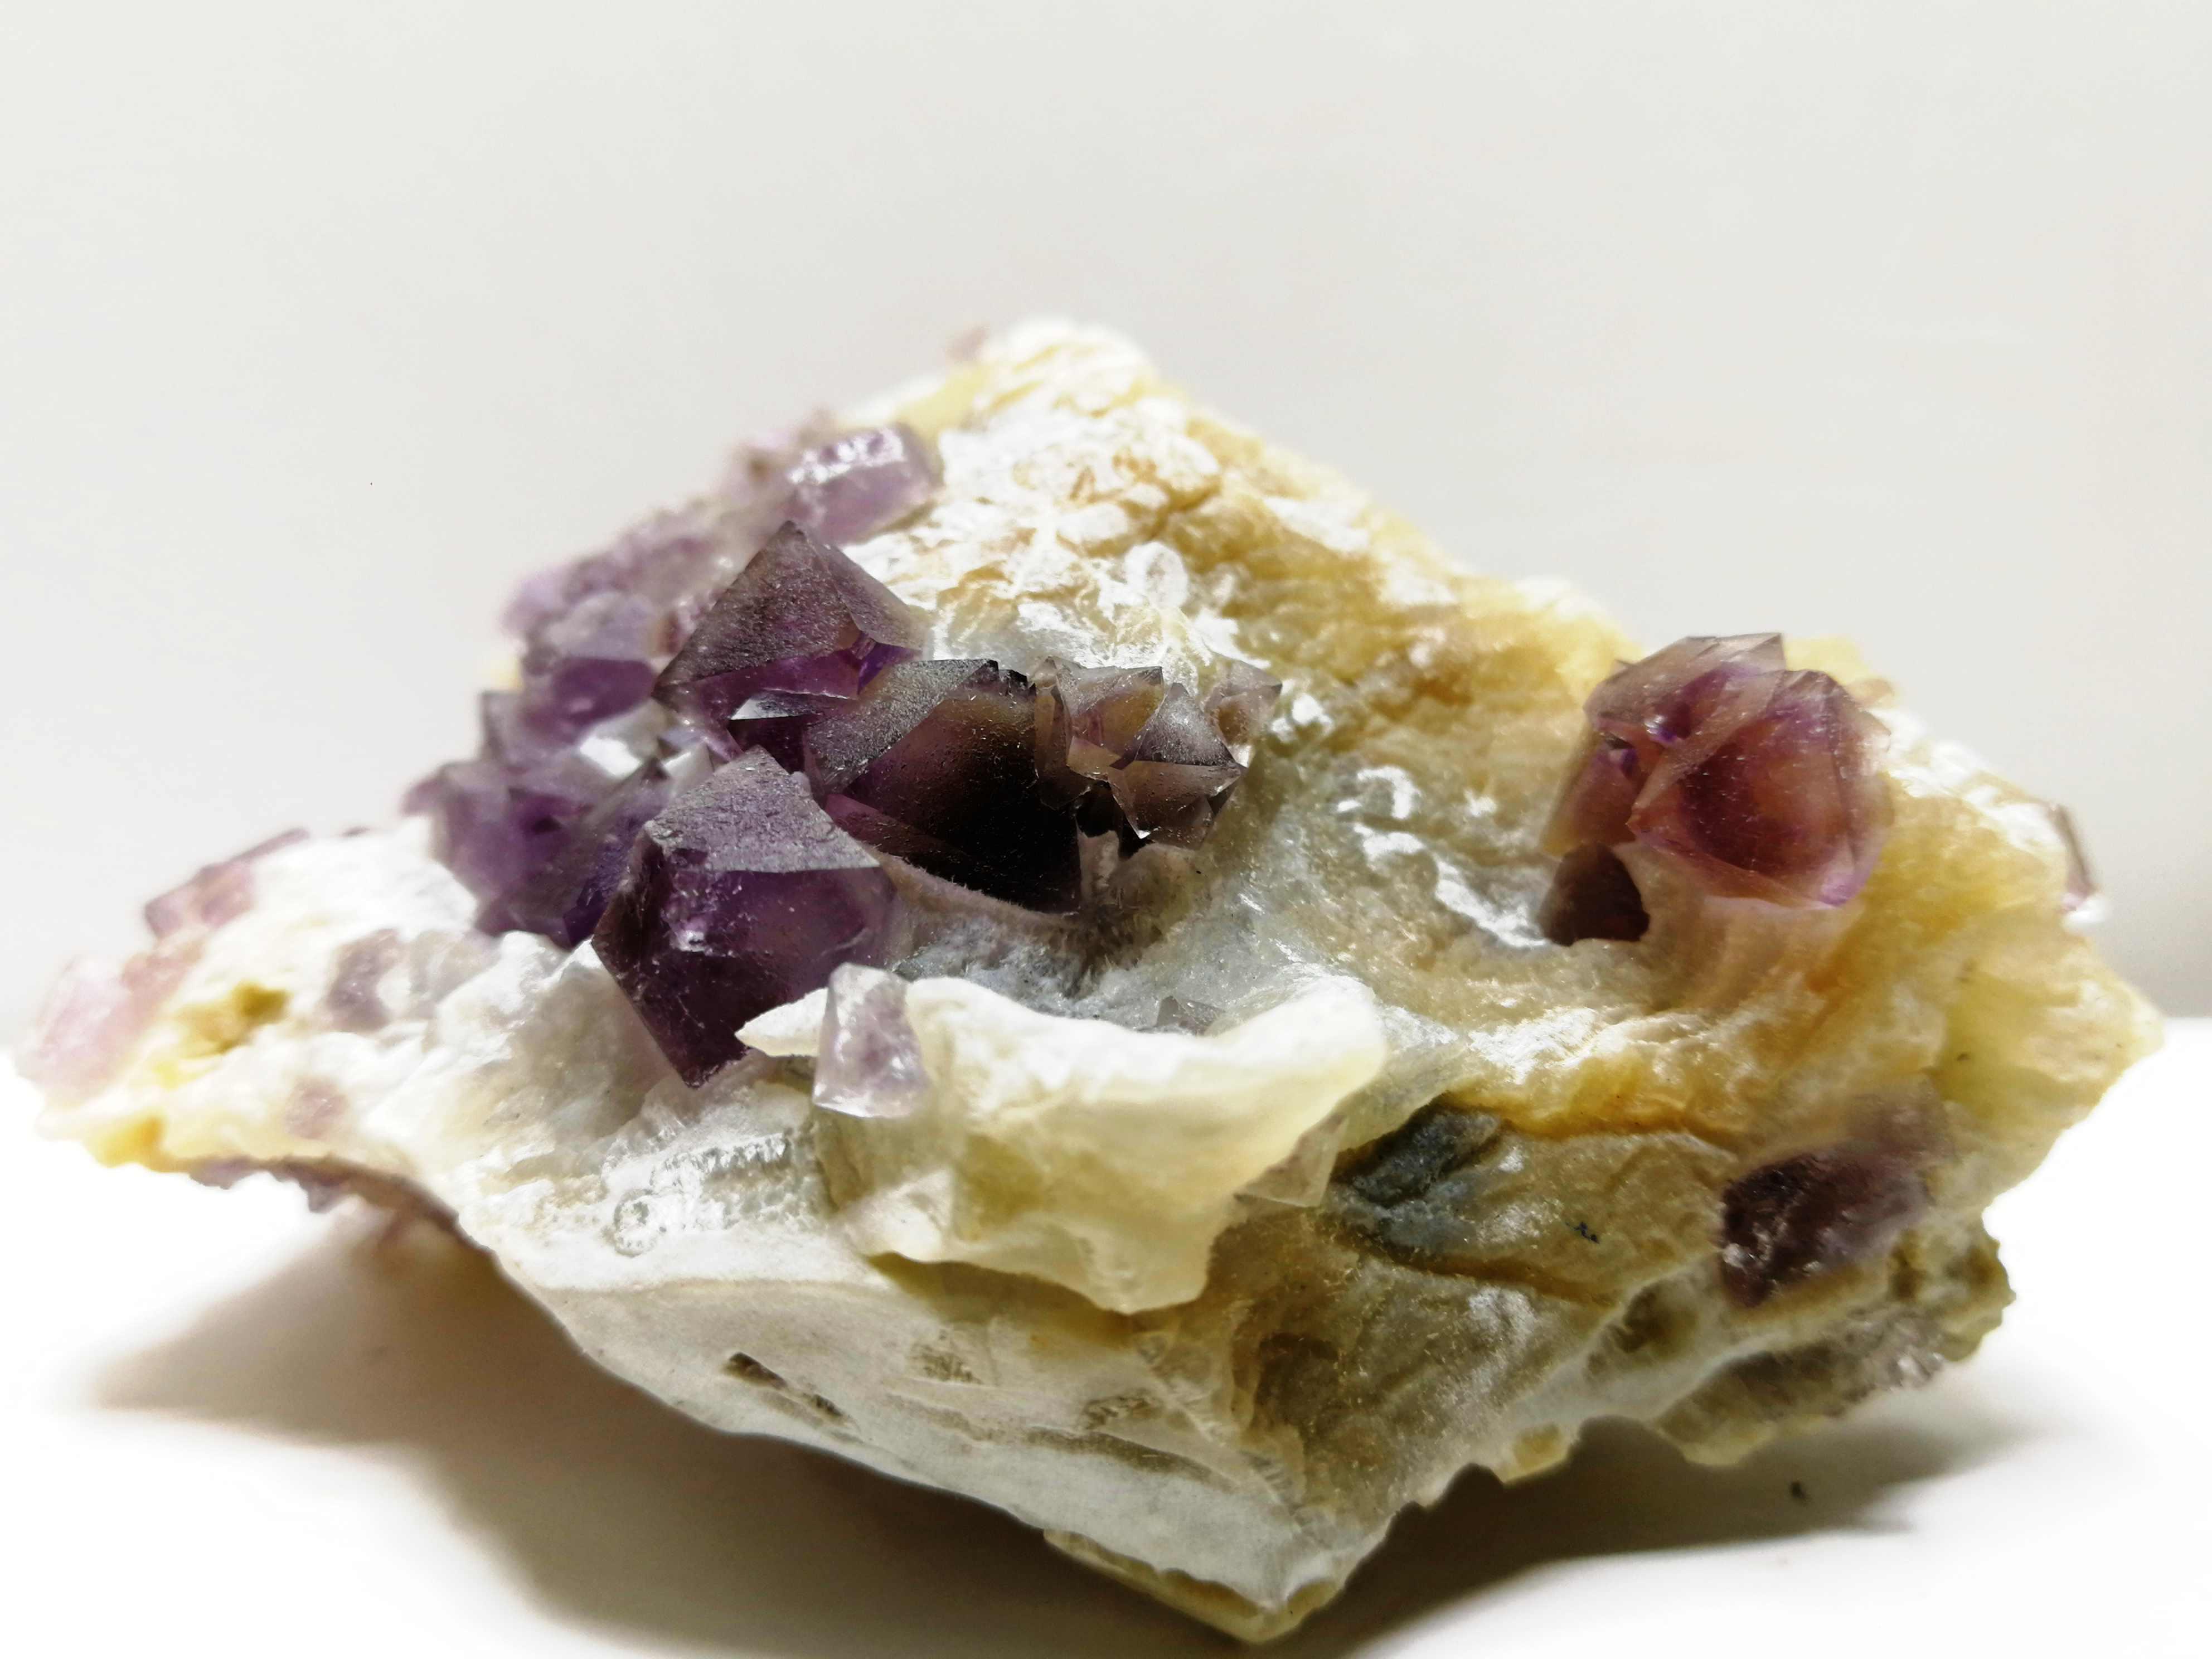 119.6 Gnatural Tím Fluorit Khoáng Mẫu Vật, Tinh Thể Thạch Anh, Nội Thất Trang Trí